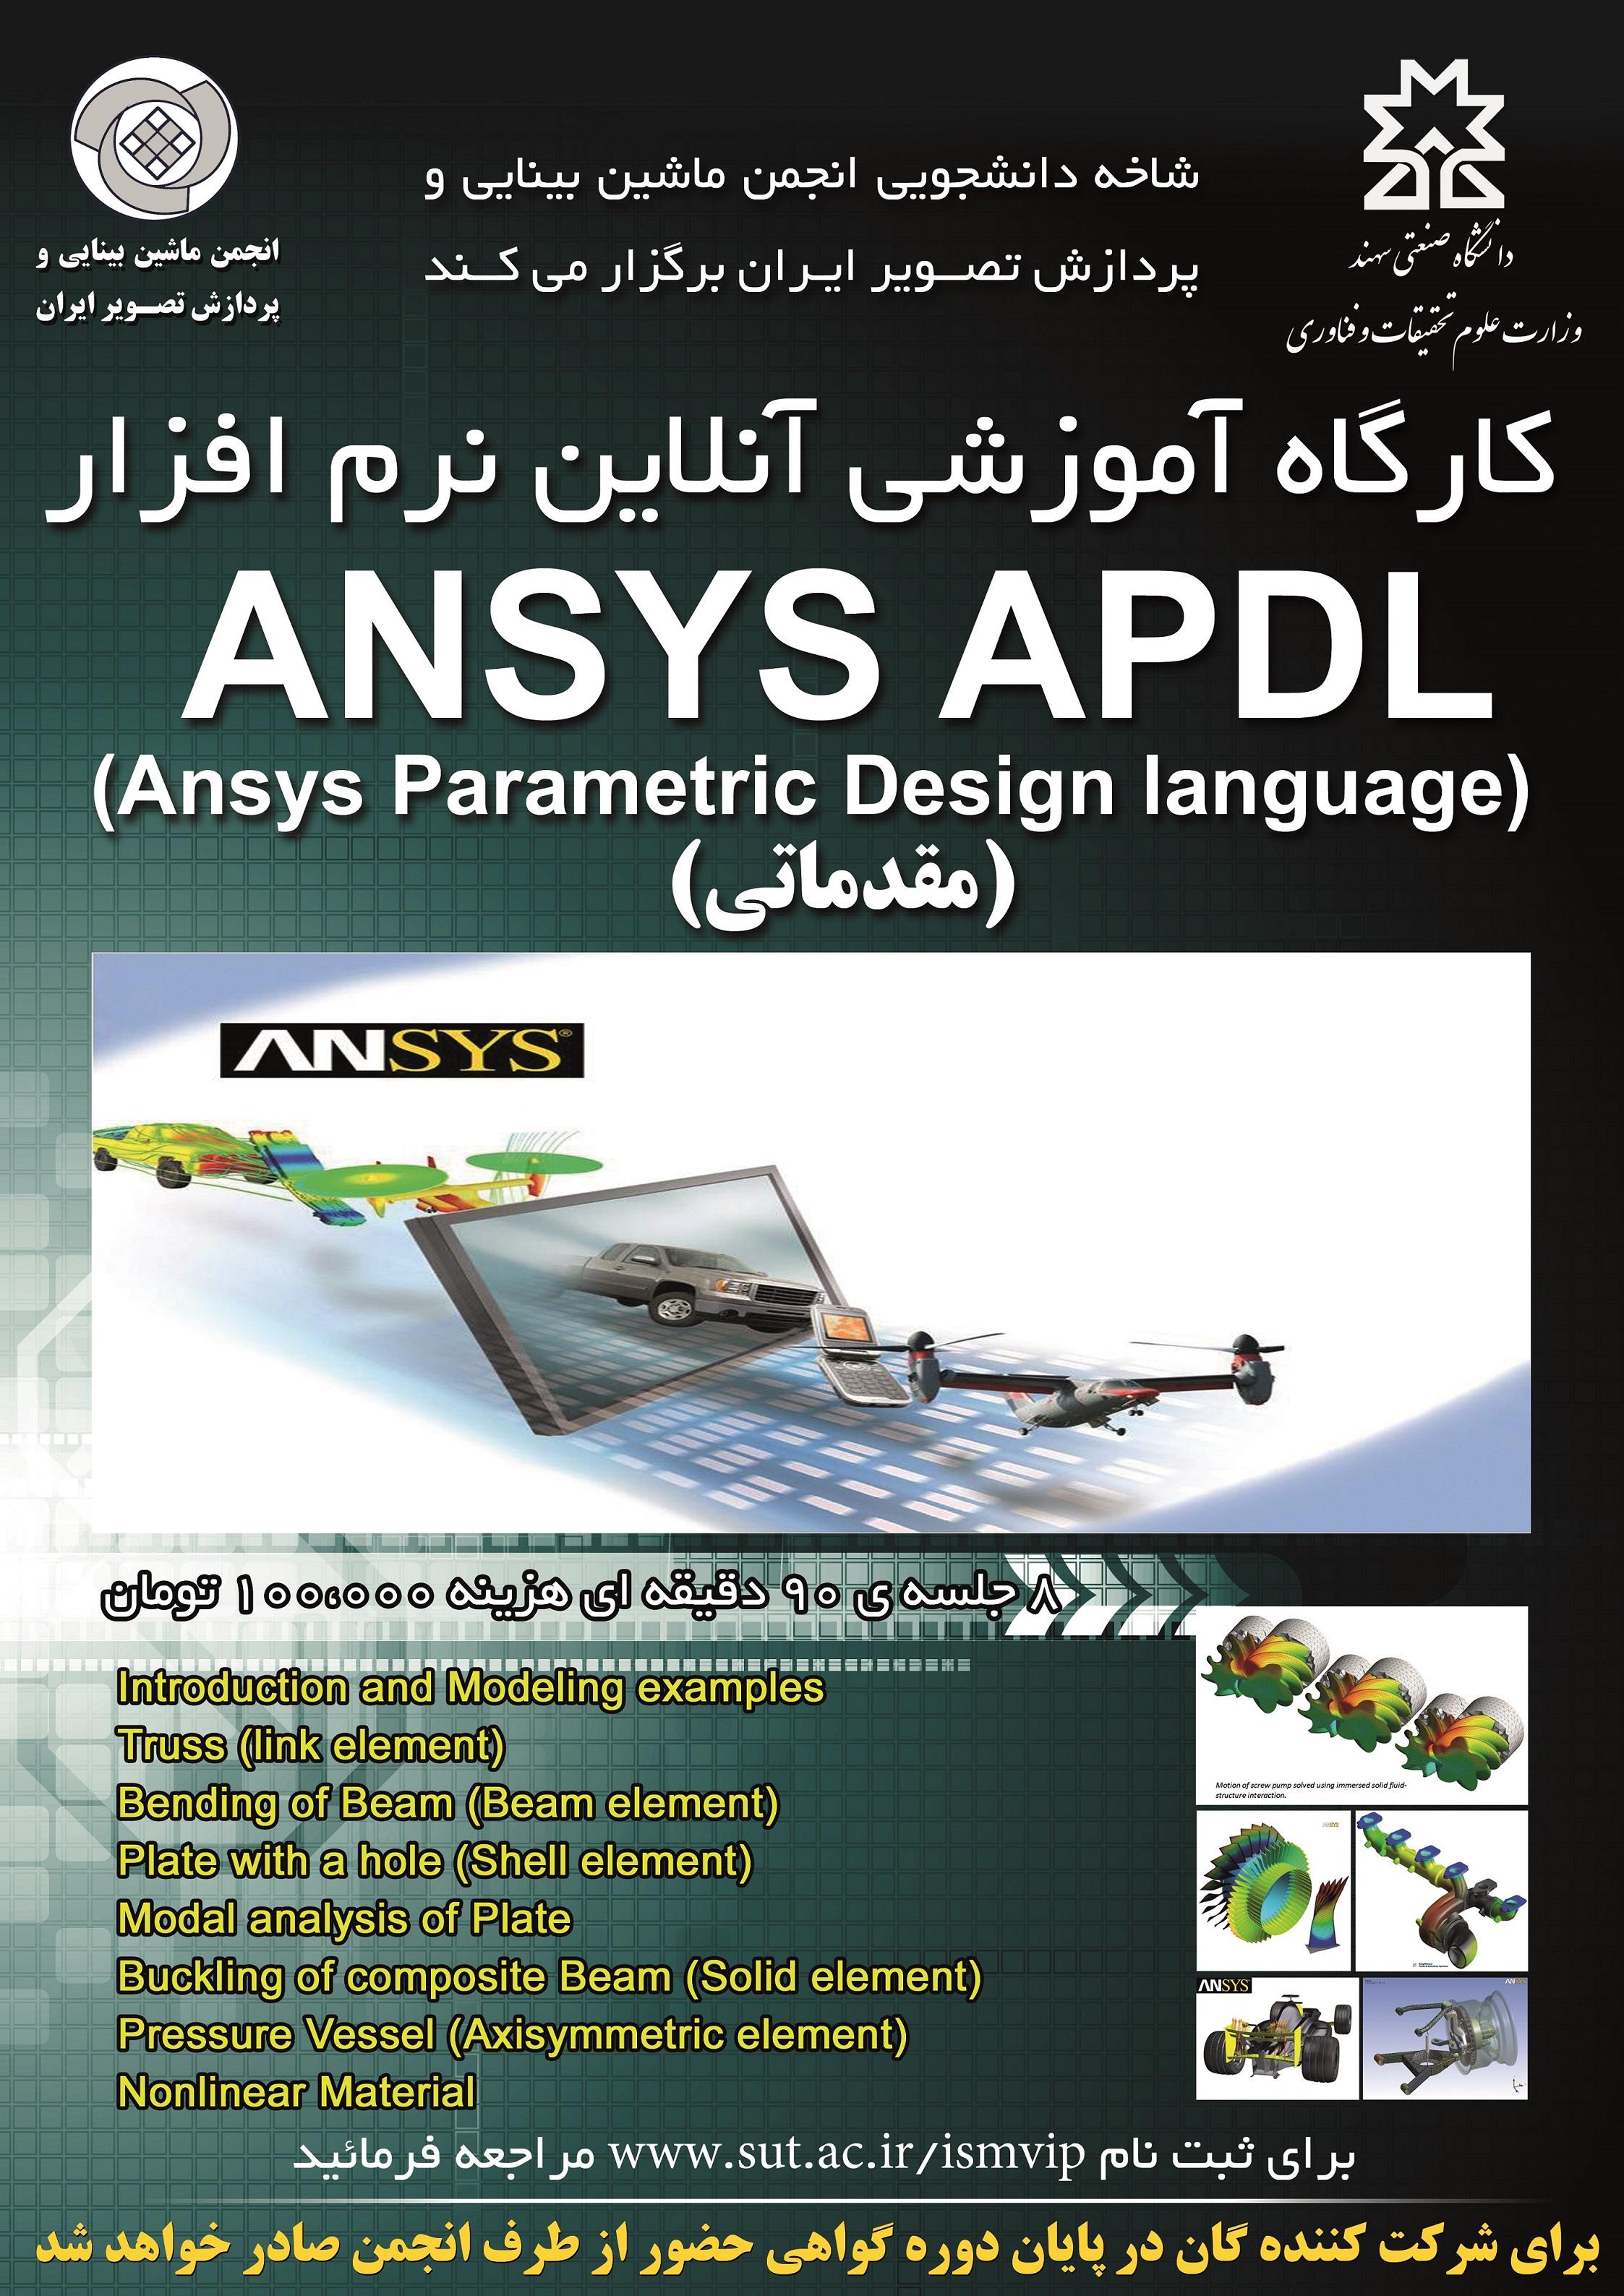 کارگاه آموزش مقدماتی آنلاین نرم افزار ANSYS